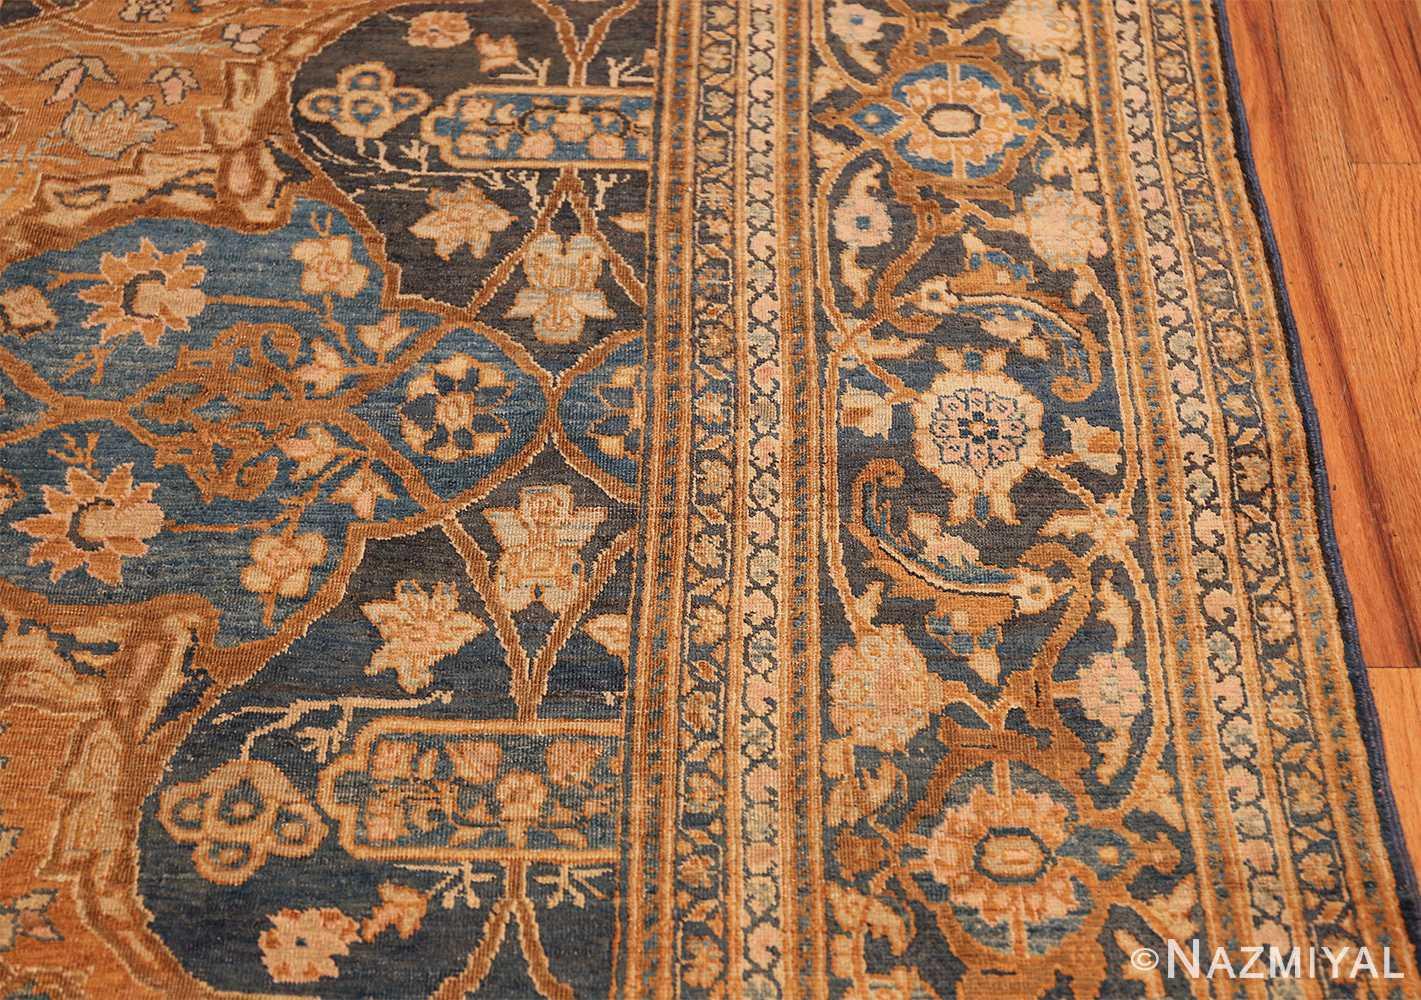 antique brown color persian khorassan rug 49708 border Nazmiyal